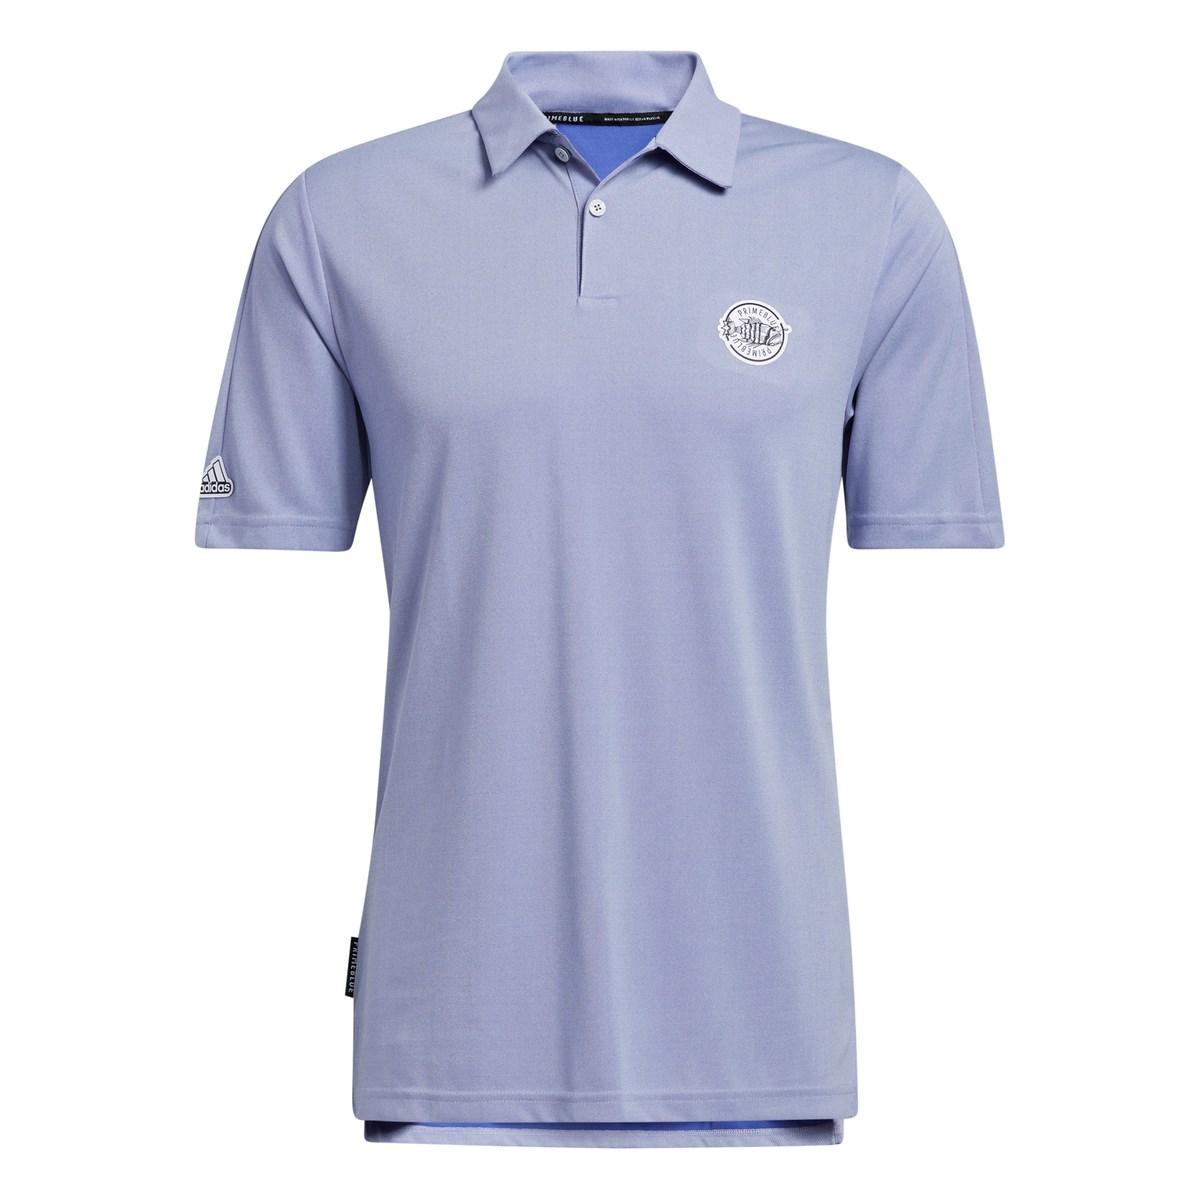 アディダス Adidas PRIMEBLUE エンブレム 半袖ポロシャツ J/S ホワイト/セミナイトFLアッシュ